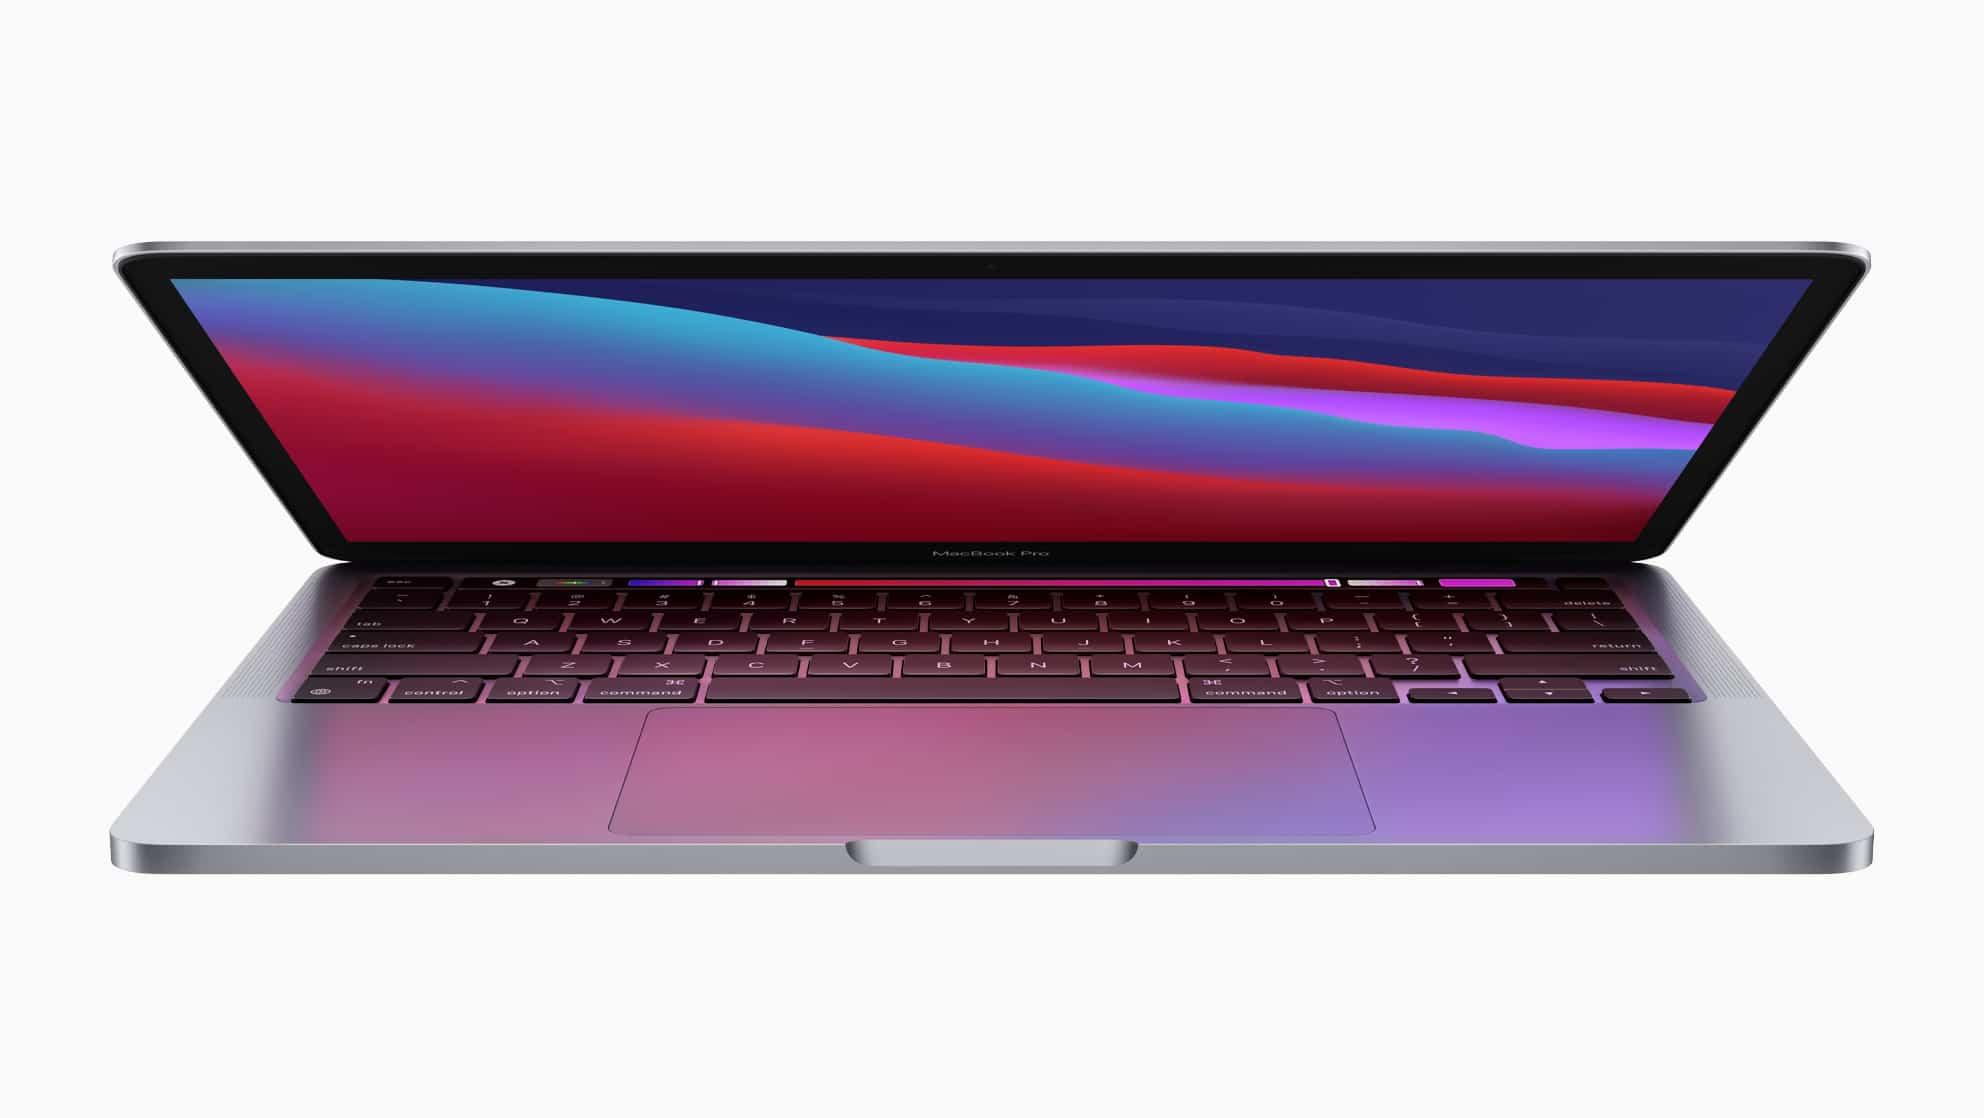 ¿Conoces la nueva generación del Mac? 3